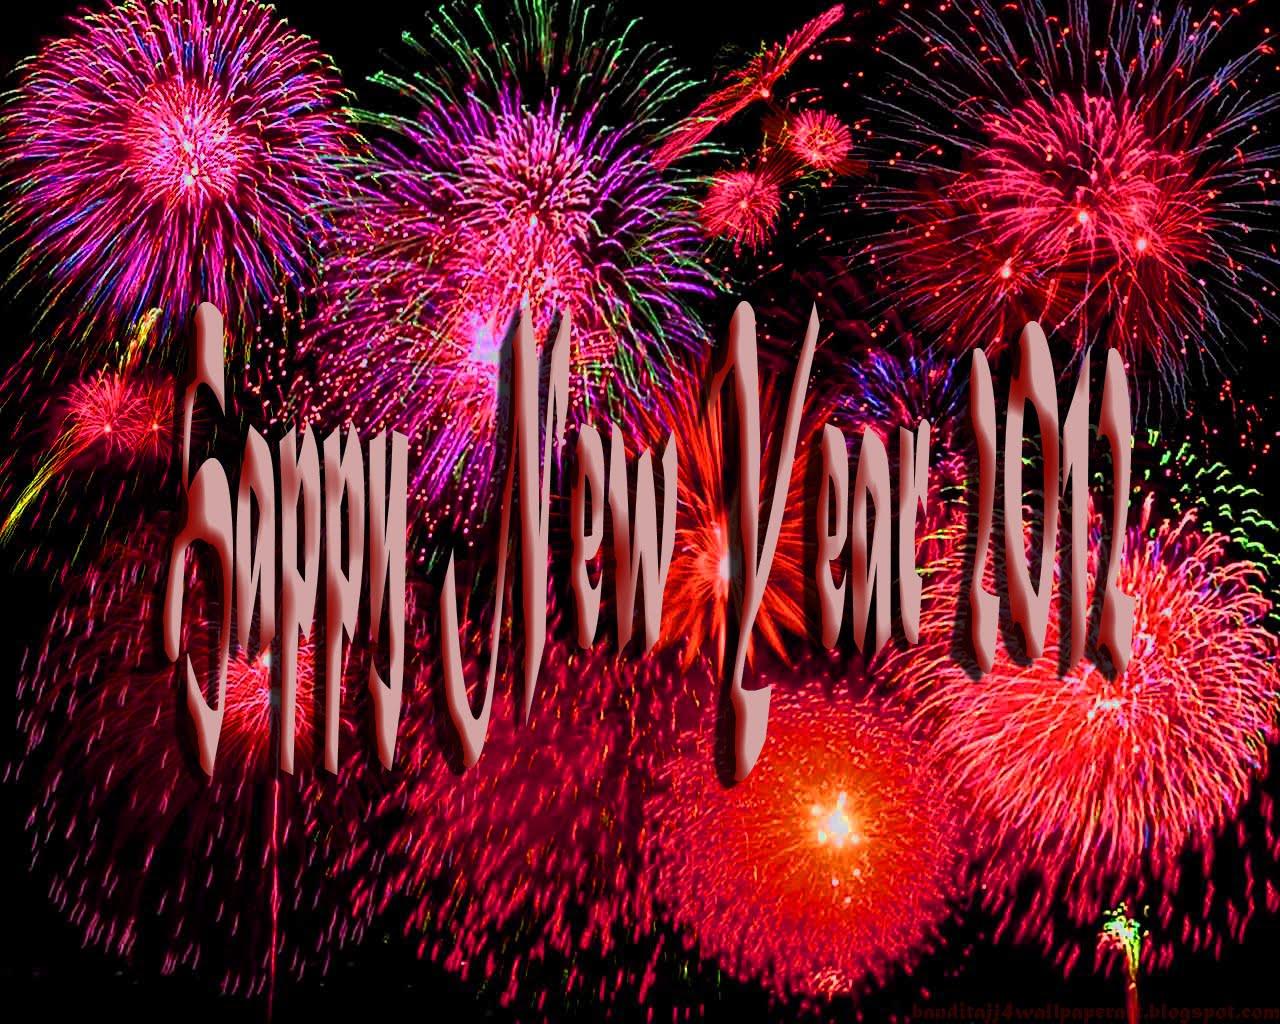 http://4.bp.blogspot.com/-19vhDXb_2mU/Tvnq2xWdmnI/AAAAAAAABH4/5IgzR7MiL1g/s1600/fireworks_Happy_New_Year_2012_by_banditajj4wallpaperart.jpg